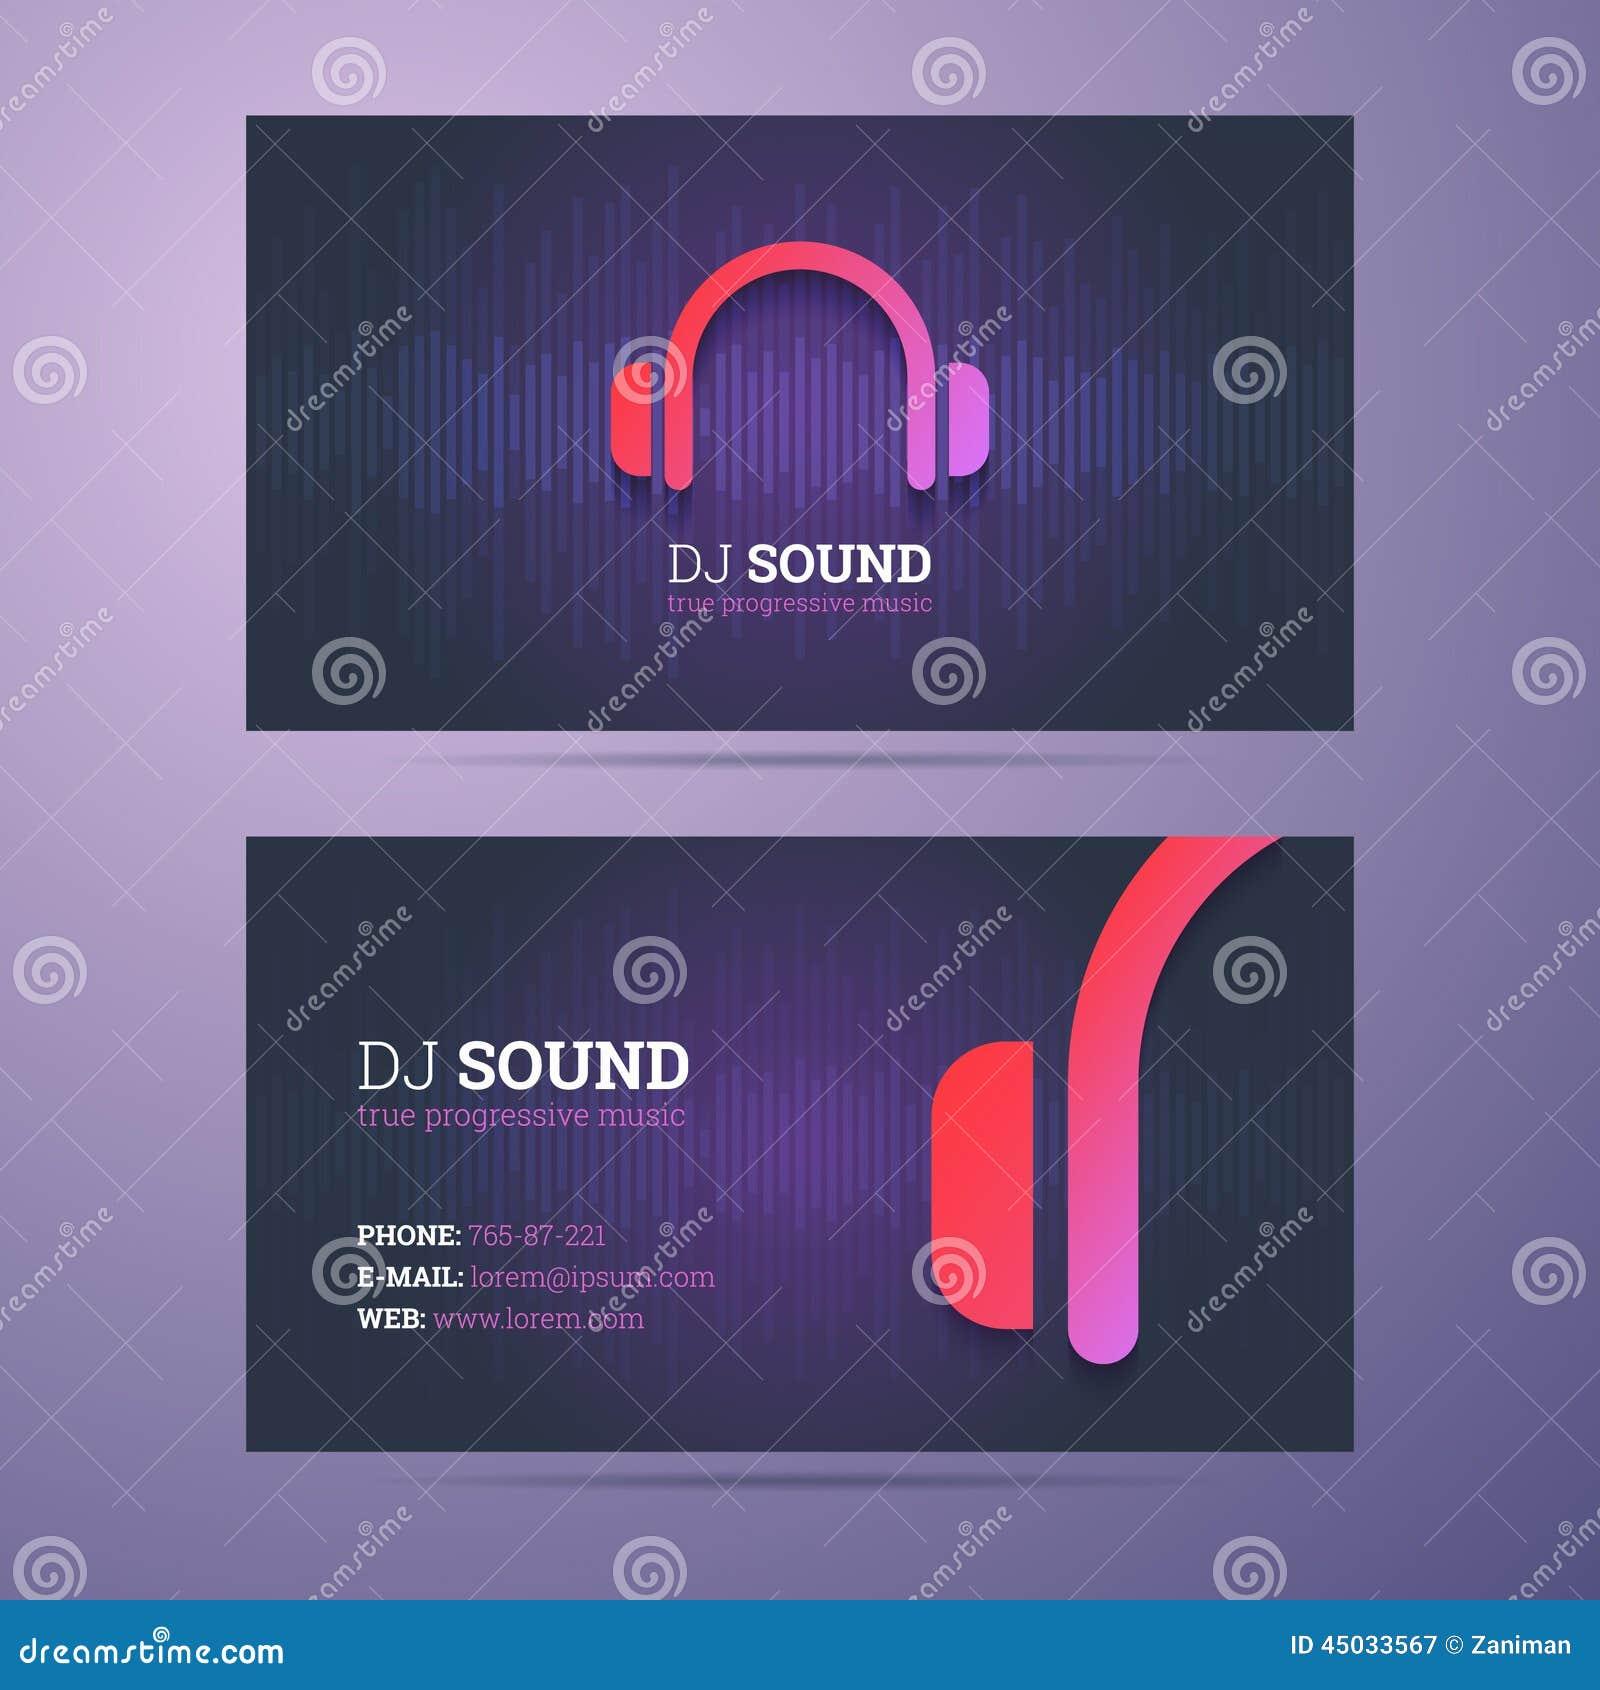 Calibre De Carte Visite Professionnelle Pour Le DJ Et Industrie La Musique Avec Licone Decouteurs Illustration Vecteur